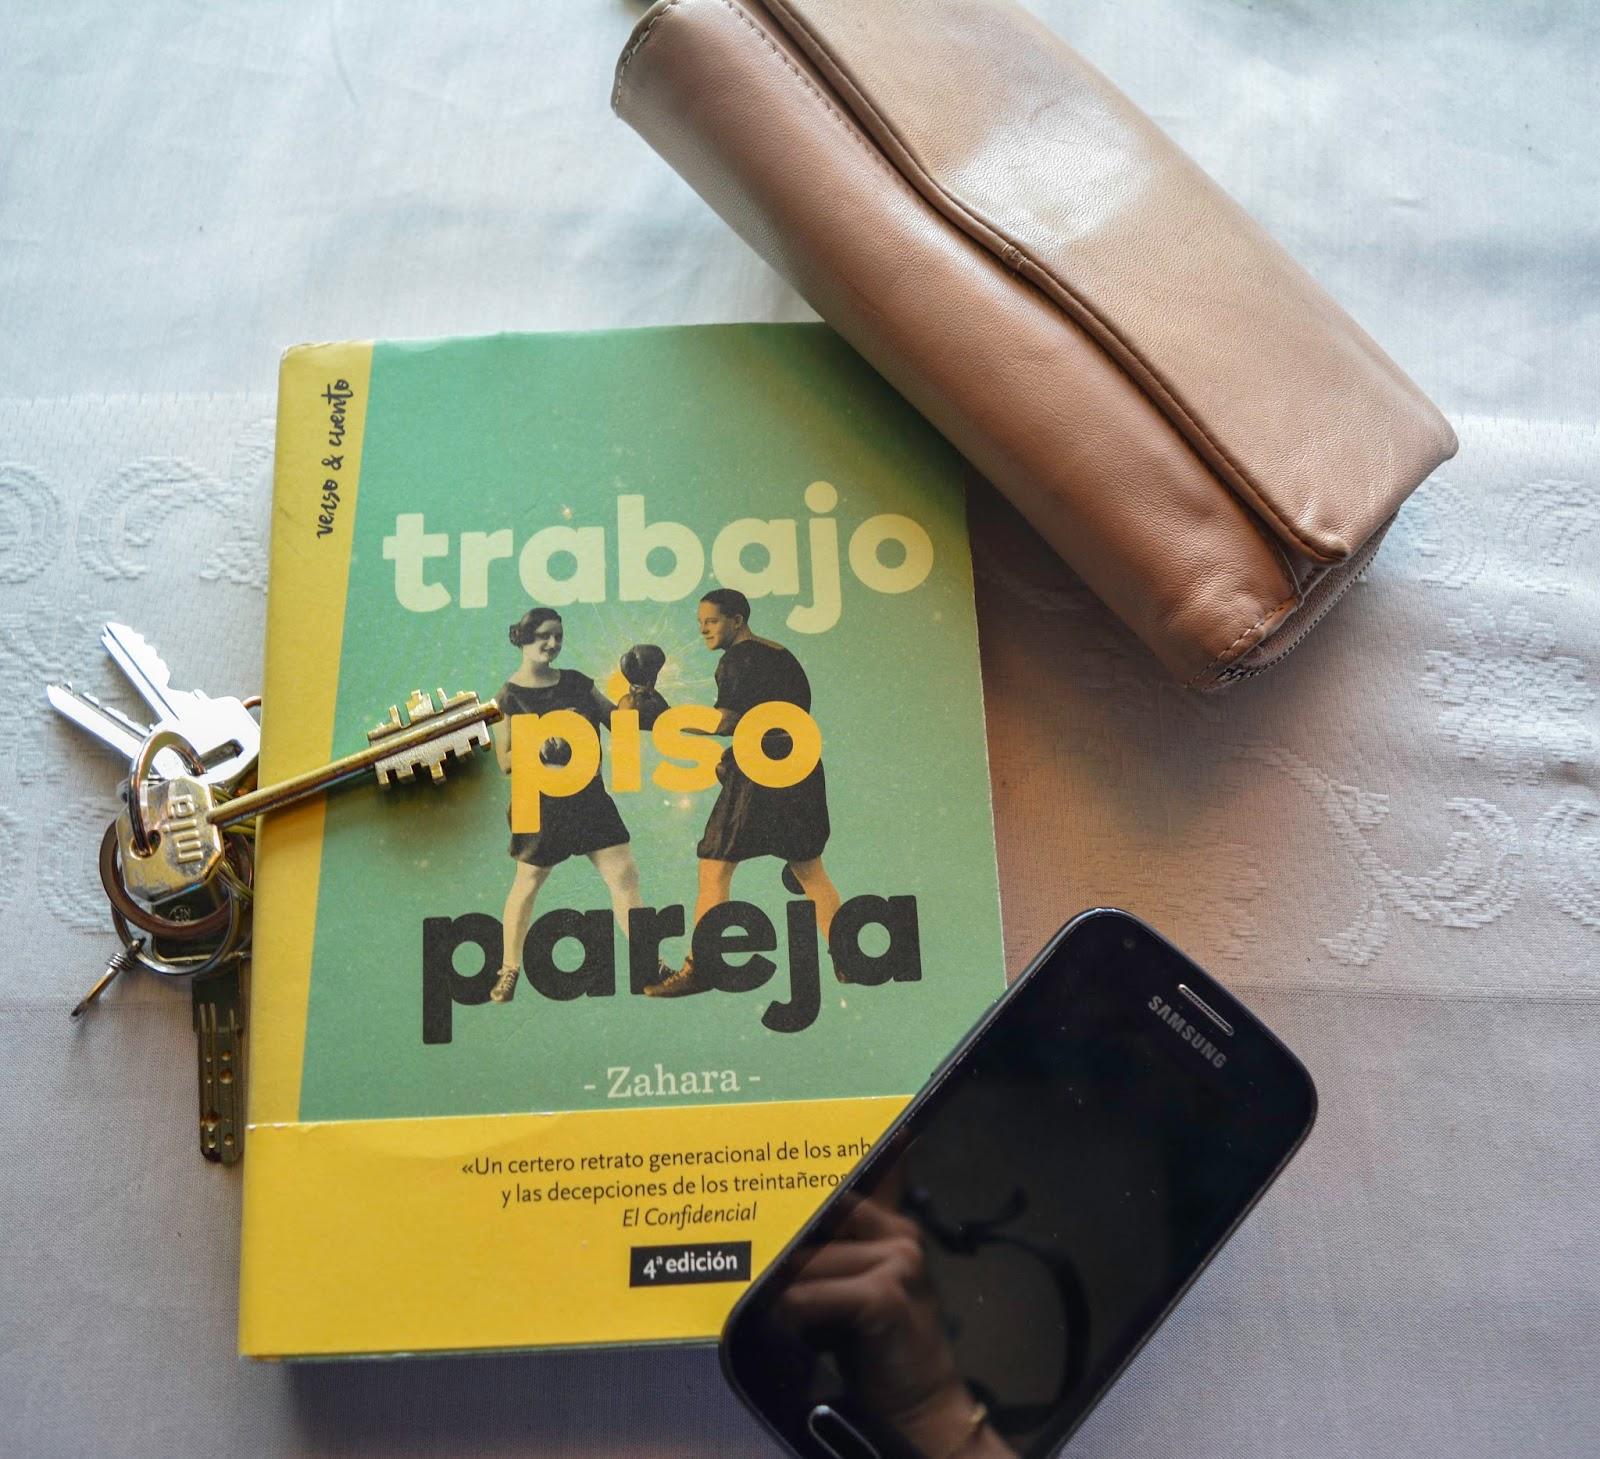 El rinc n de los libros trabajo piso pareja de zahara - Trabajo piso pareja opiniones ...